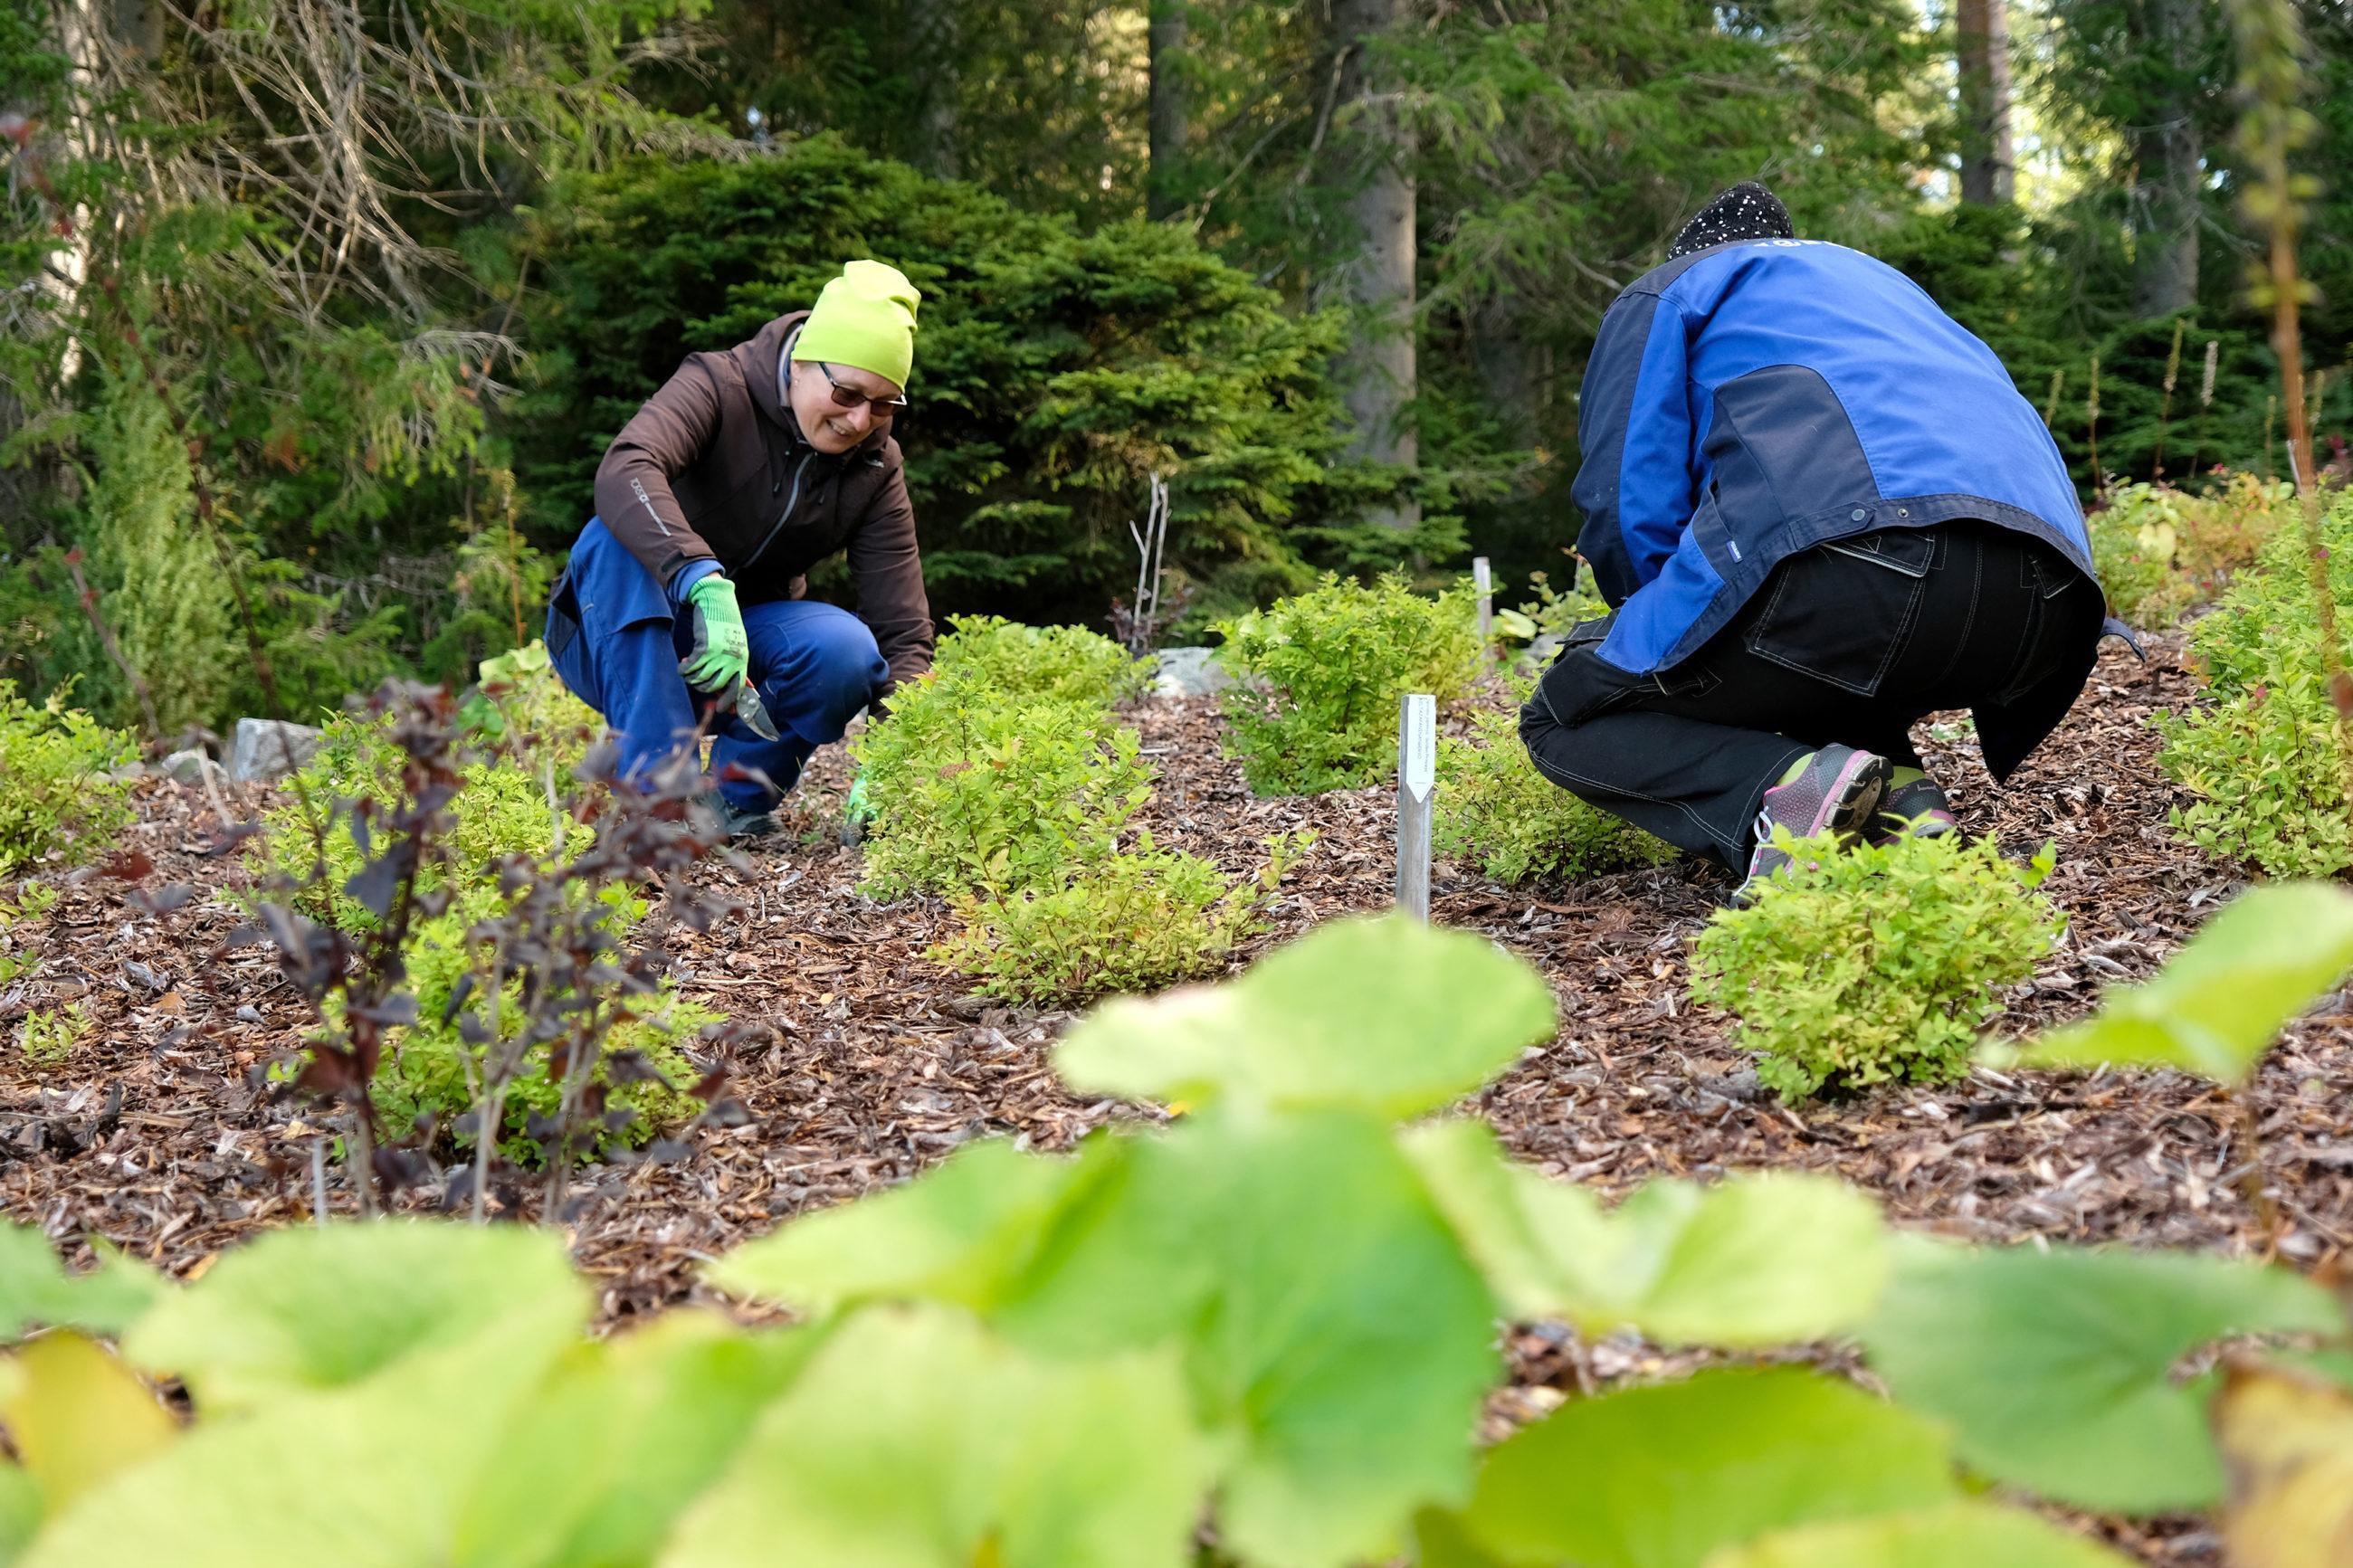 Kaksi henkilöä hoitaa matalia pensaita, henkilöt ovat kyykistyneinä pensaiden viereen.